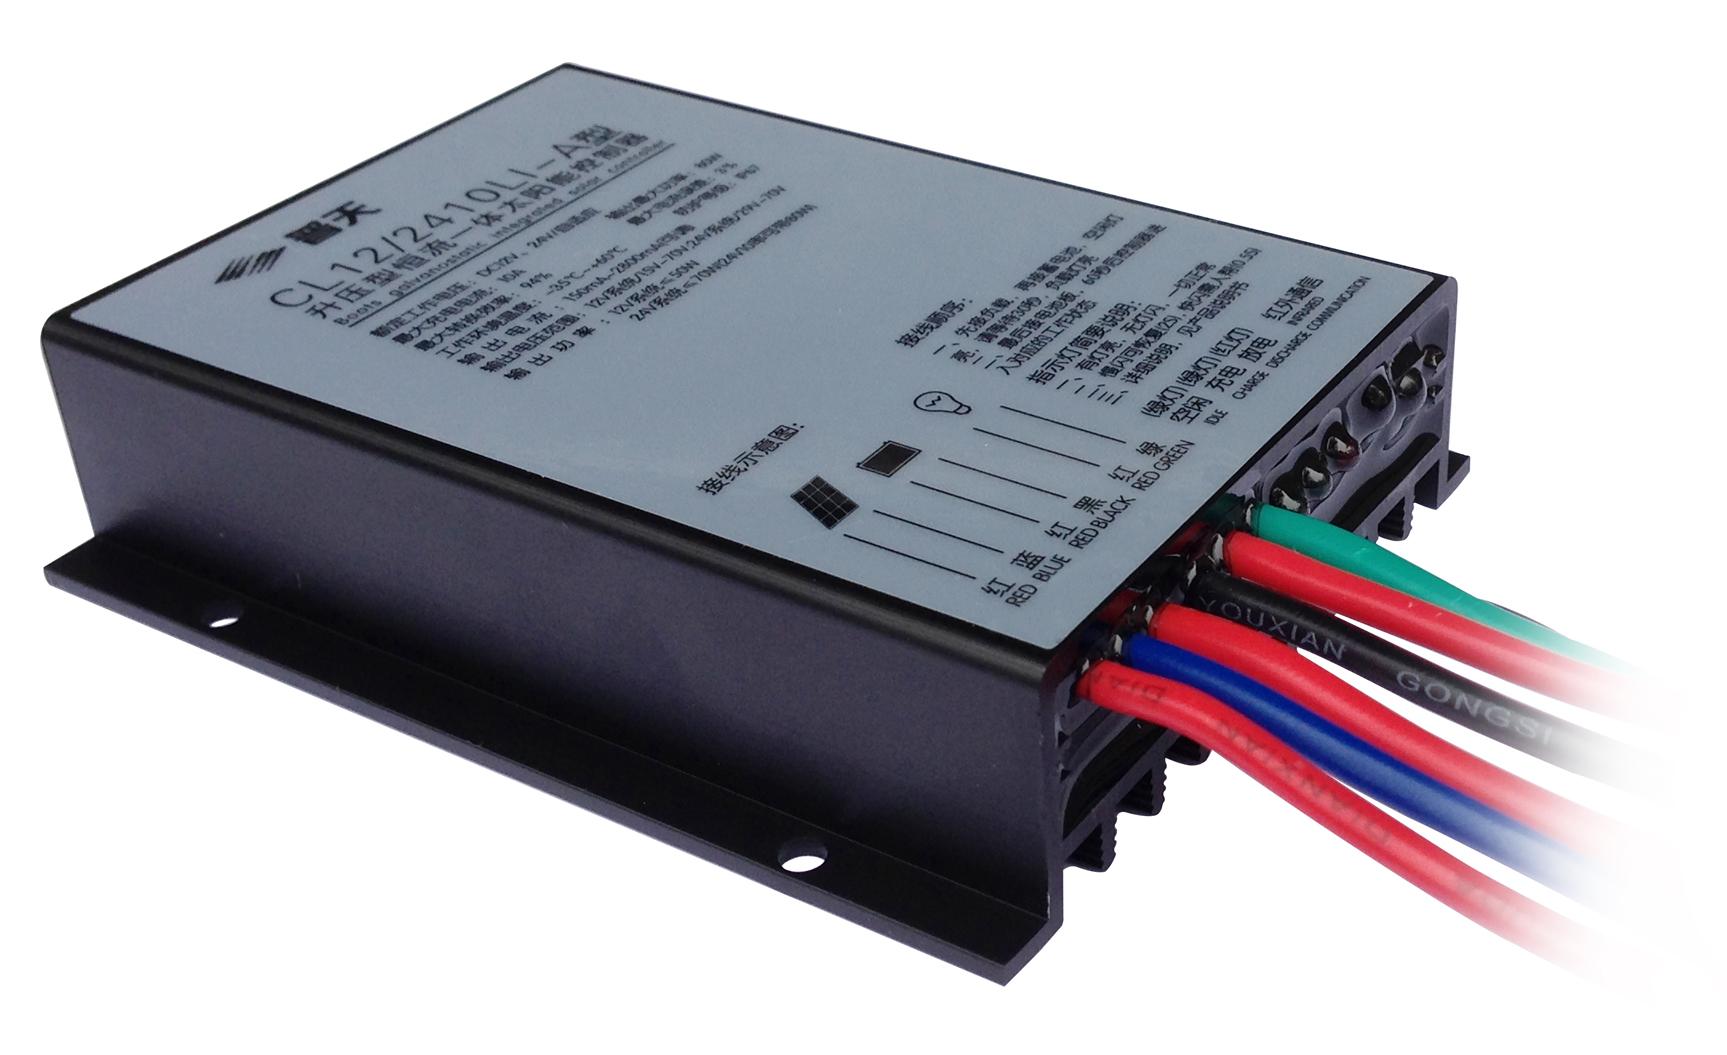 一、产品简介 本产品是一款性价比极高的太阳能控制器,创新的电路设计使放电效率高达96%,优化后的产品大大提高了系统的稳定性。本控制器能根据蓄电池的剩余容量,自动调整负载功率,这一功能增加了太阳能路灯的亮灯天数。采用全密封防水设计,恒电流输出,输出电压15V~70V自适应,可分四个时间段调节电流,是一款高智能的太阳能控制器。 二:接线说明 1)先将负载的正负极分别接在控制器的第五根线上(红)和第六根线上(绿)(从左至右); 2)然后把蓄电池的正极接在控制器的第三根线上(红),负极接在第四根线上(黑),此时,